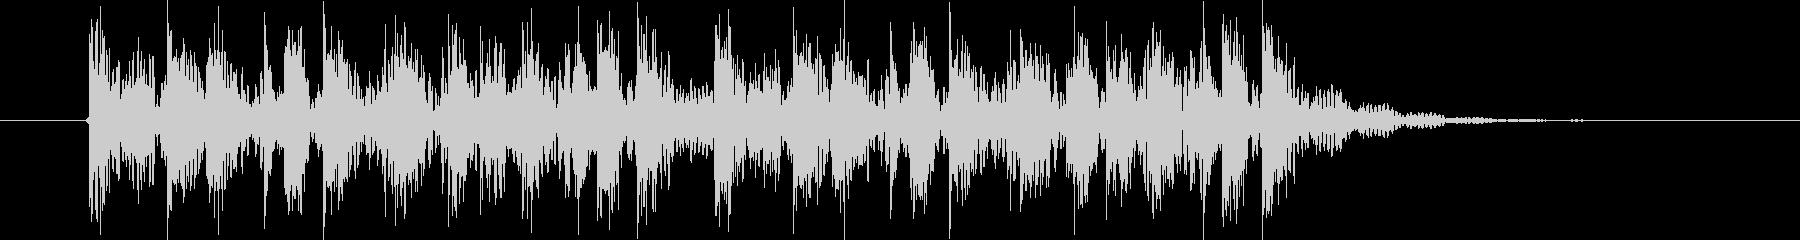 楽しげなリズミカル音(番組、ジングル)の未再生の波形